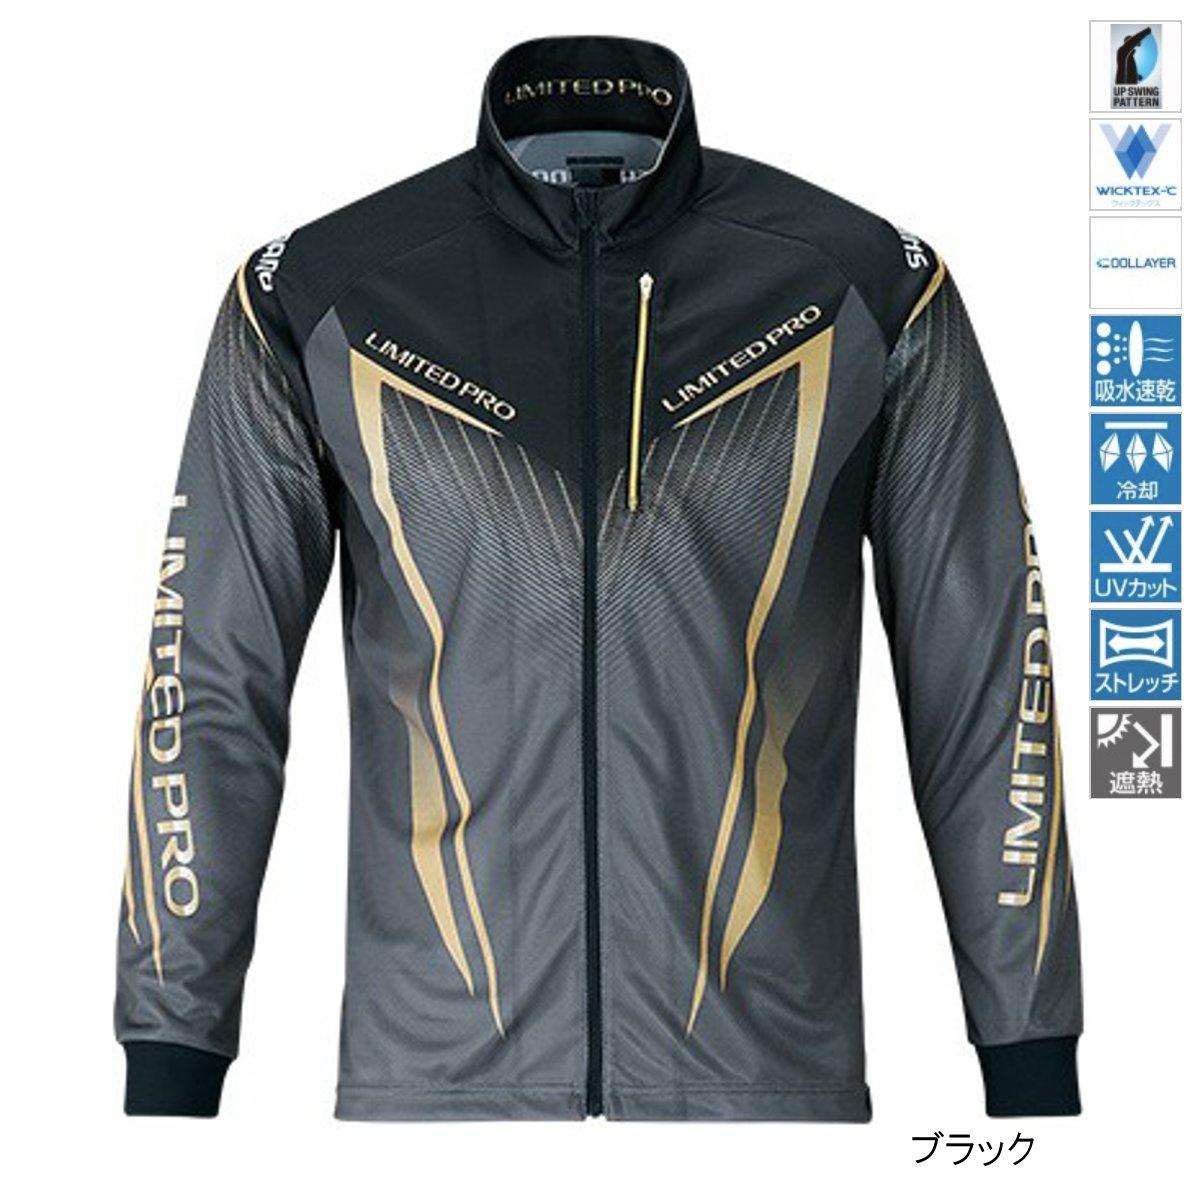 シマノ フルジップシャツLIMITED PRO(長袖) SH-011S M ブラック【送料無料】